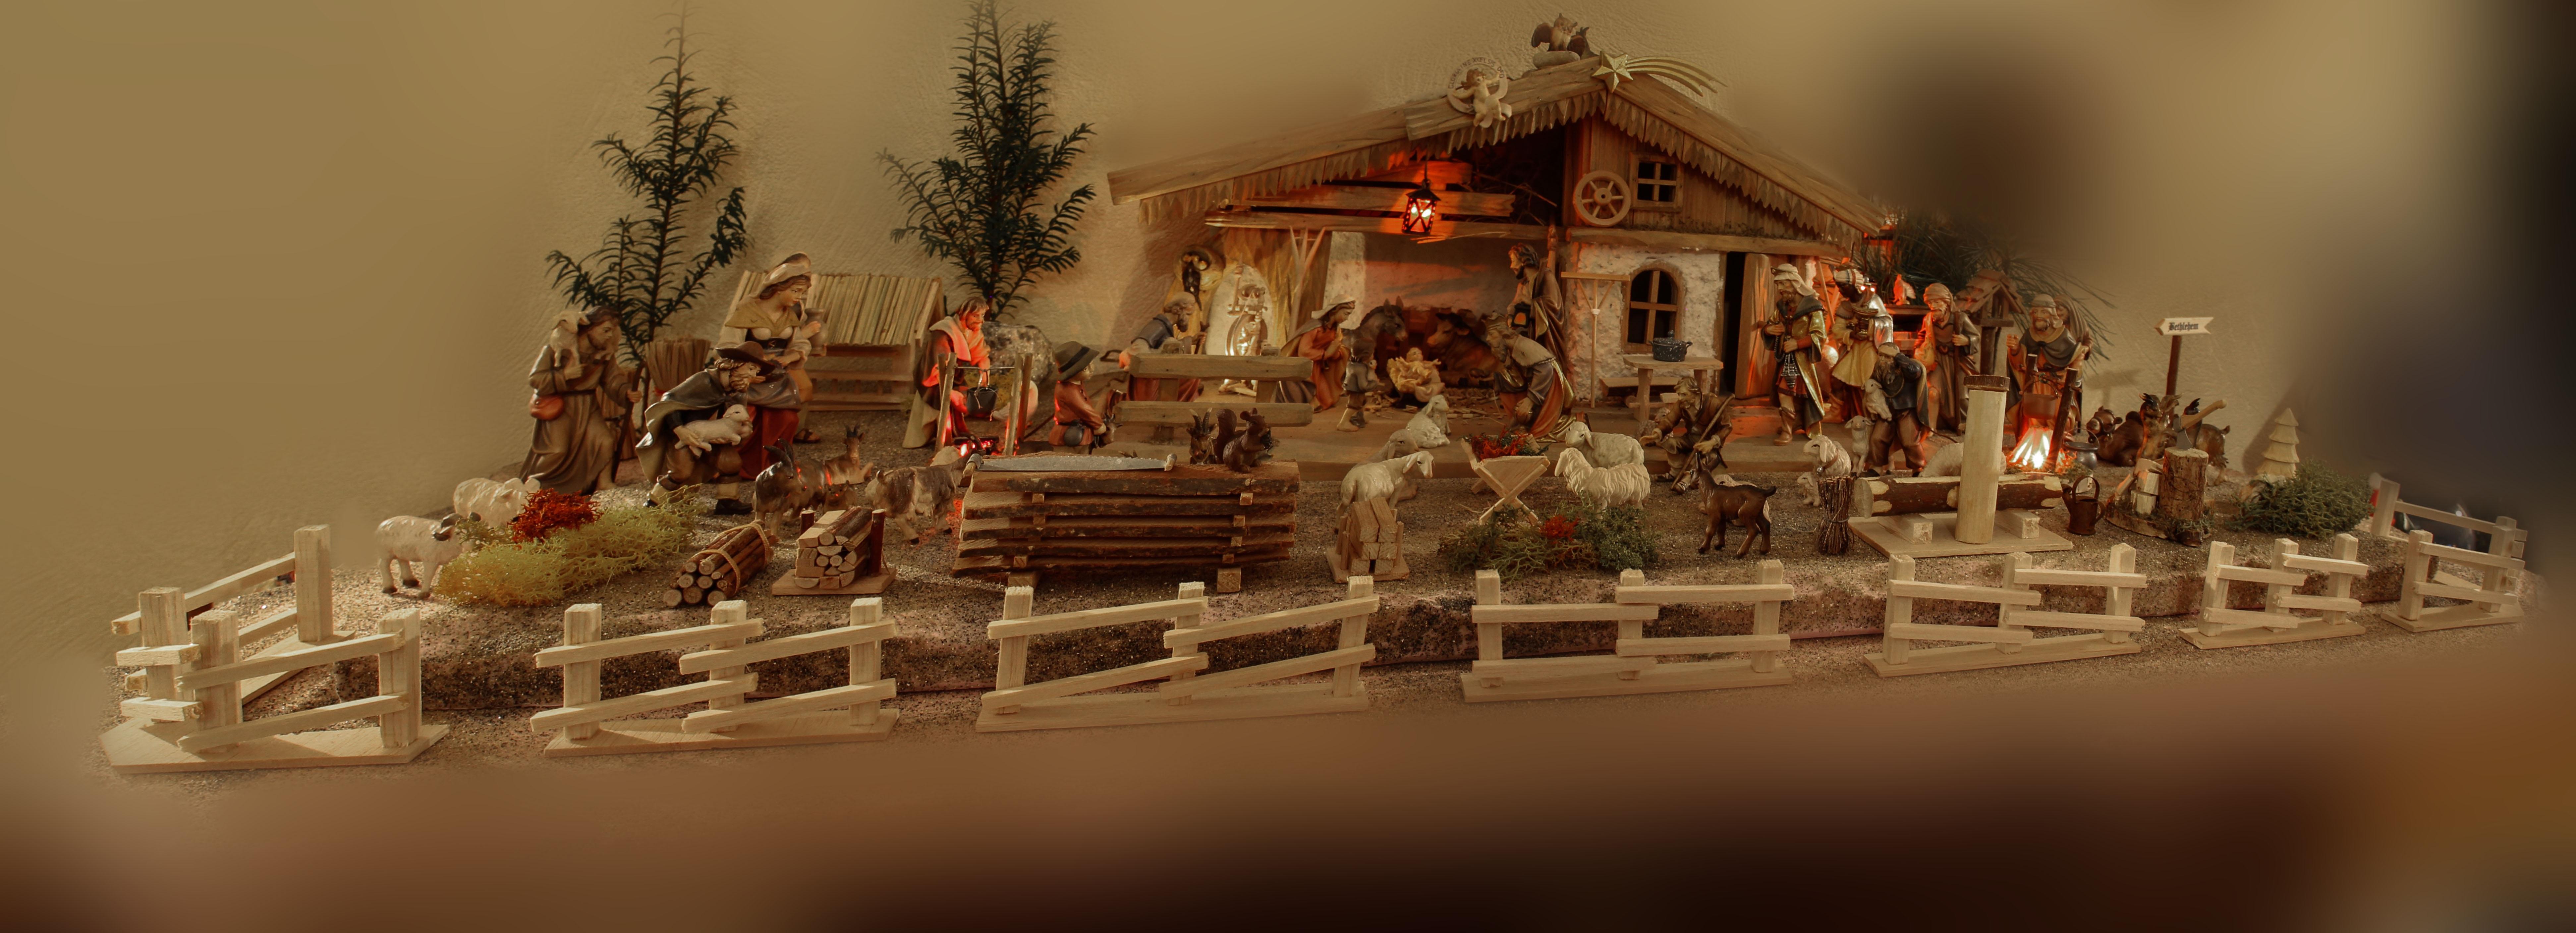 christmas lighting decor christmas decoration father christmas crib nativity scene